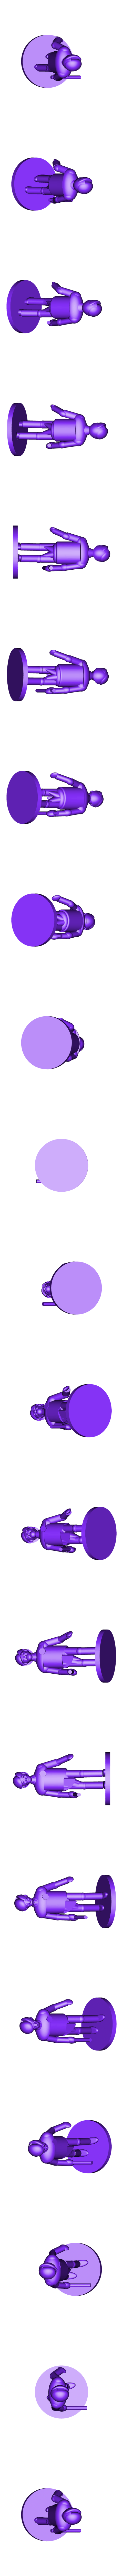 wizardy_boy2_1.stl Télécharger fichier STL gratuit Schoolkids et enseignants magiques • Design à imprimer en 3D, Earsling